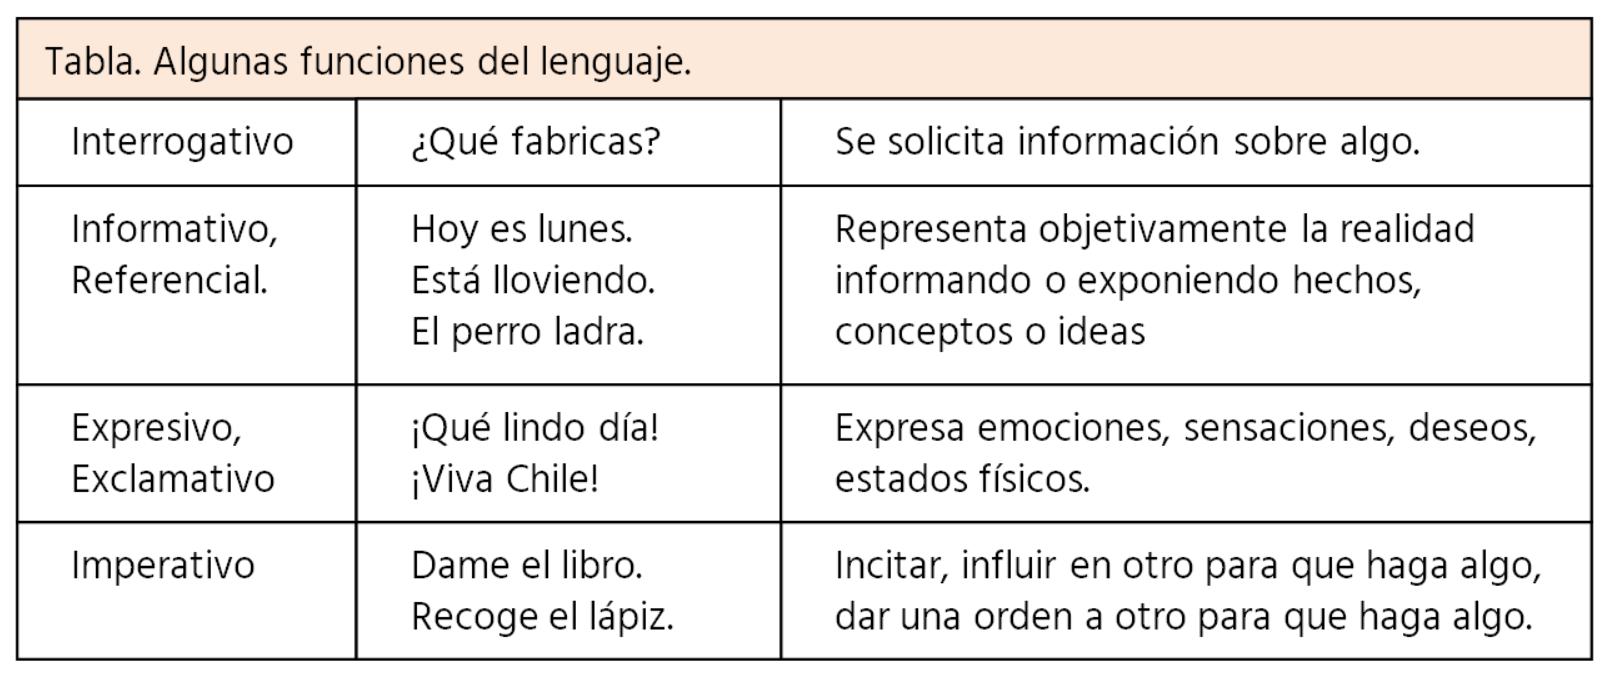 tabla de funciones del lenguaje